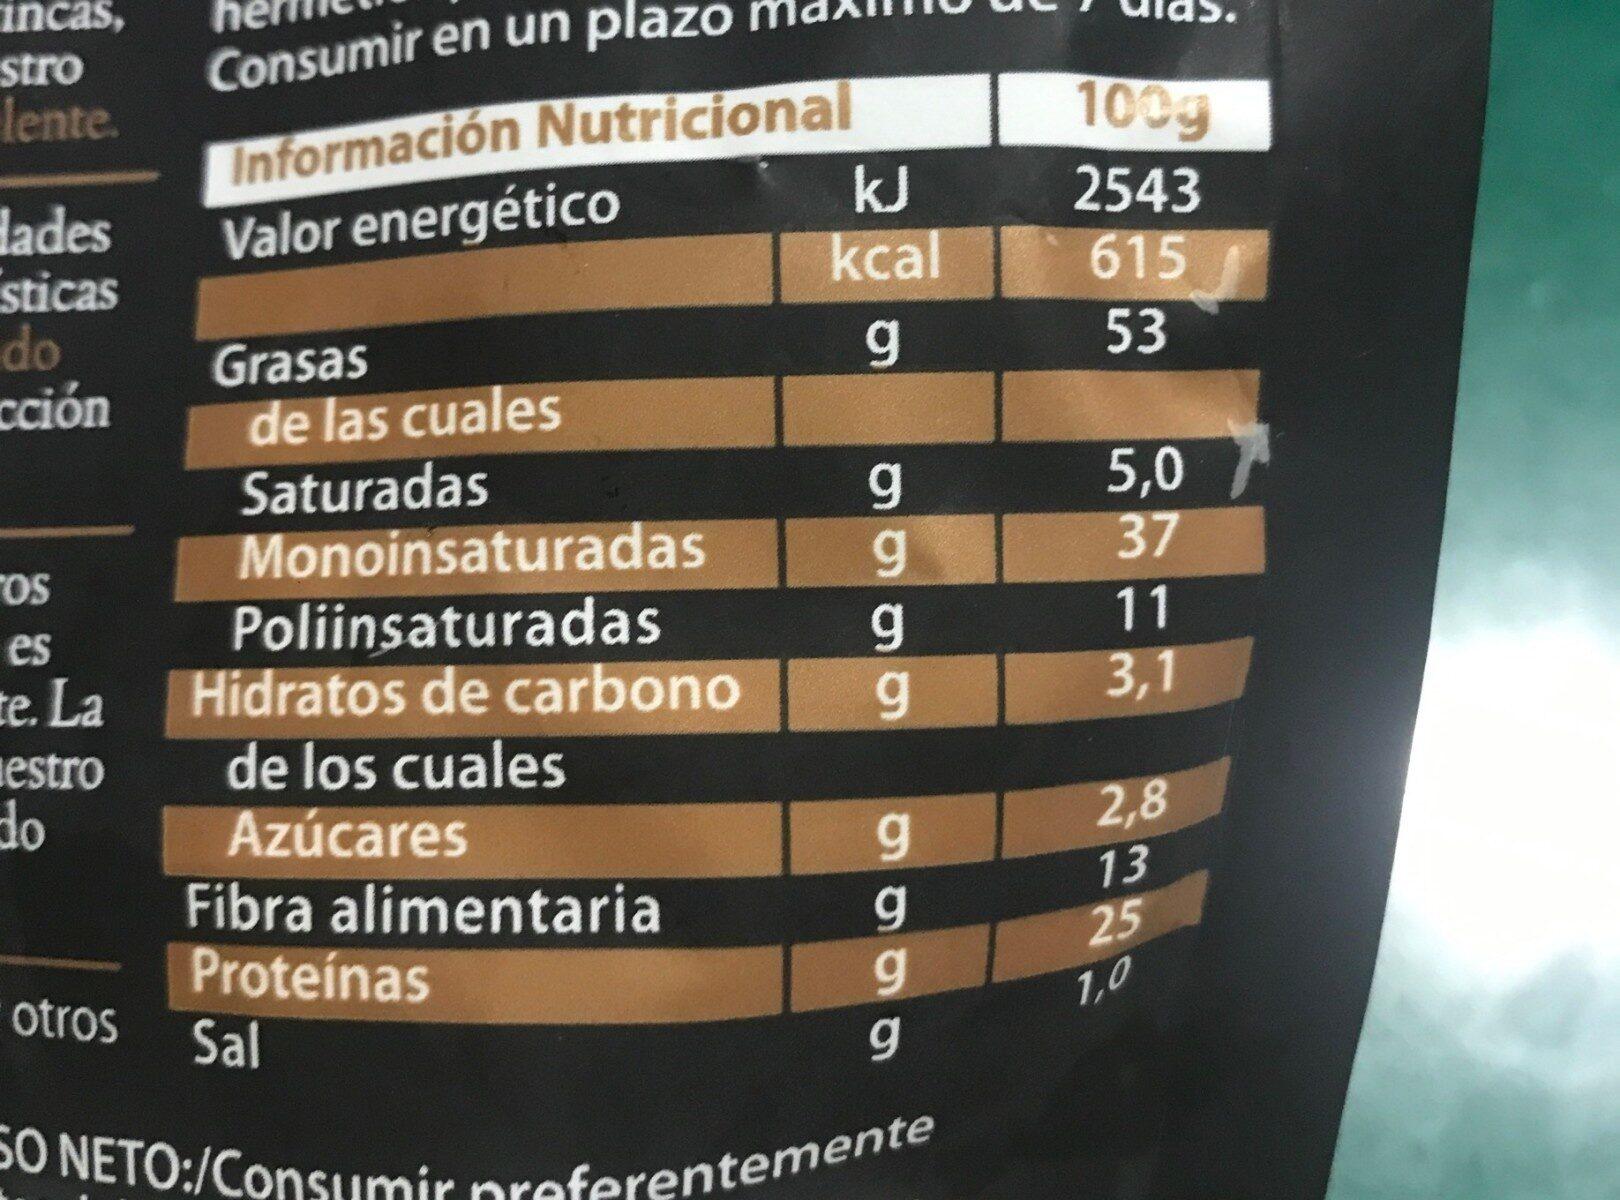 Pizarro almendra marcona bolsa 160 g - Informations nutritionnelles